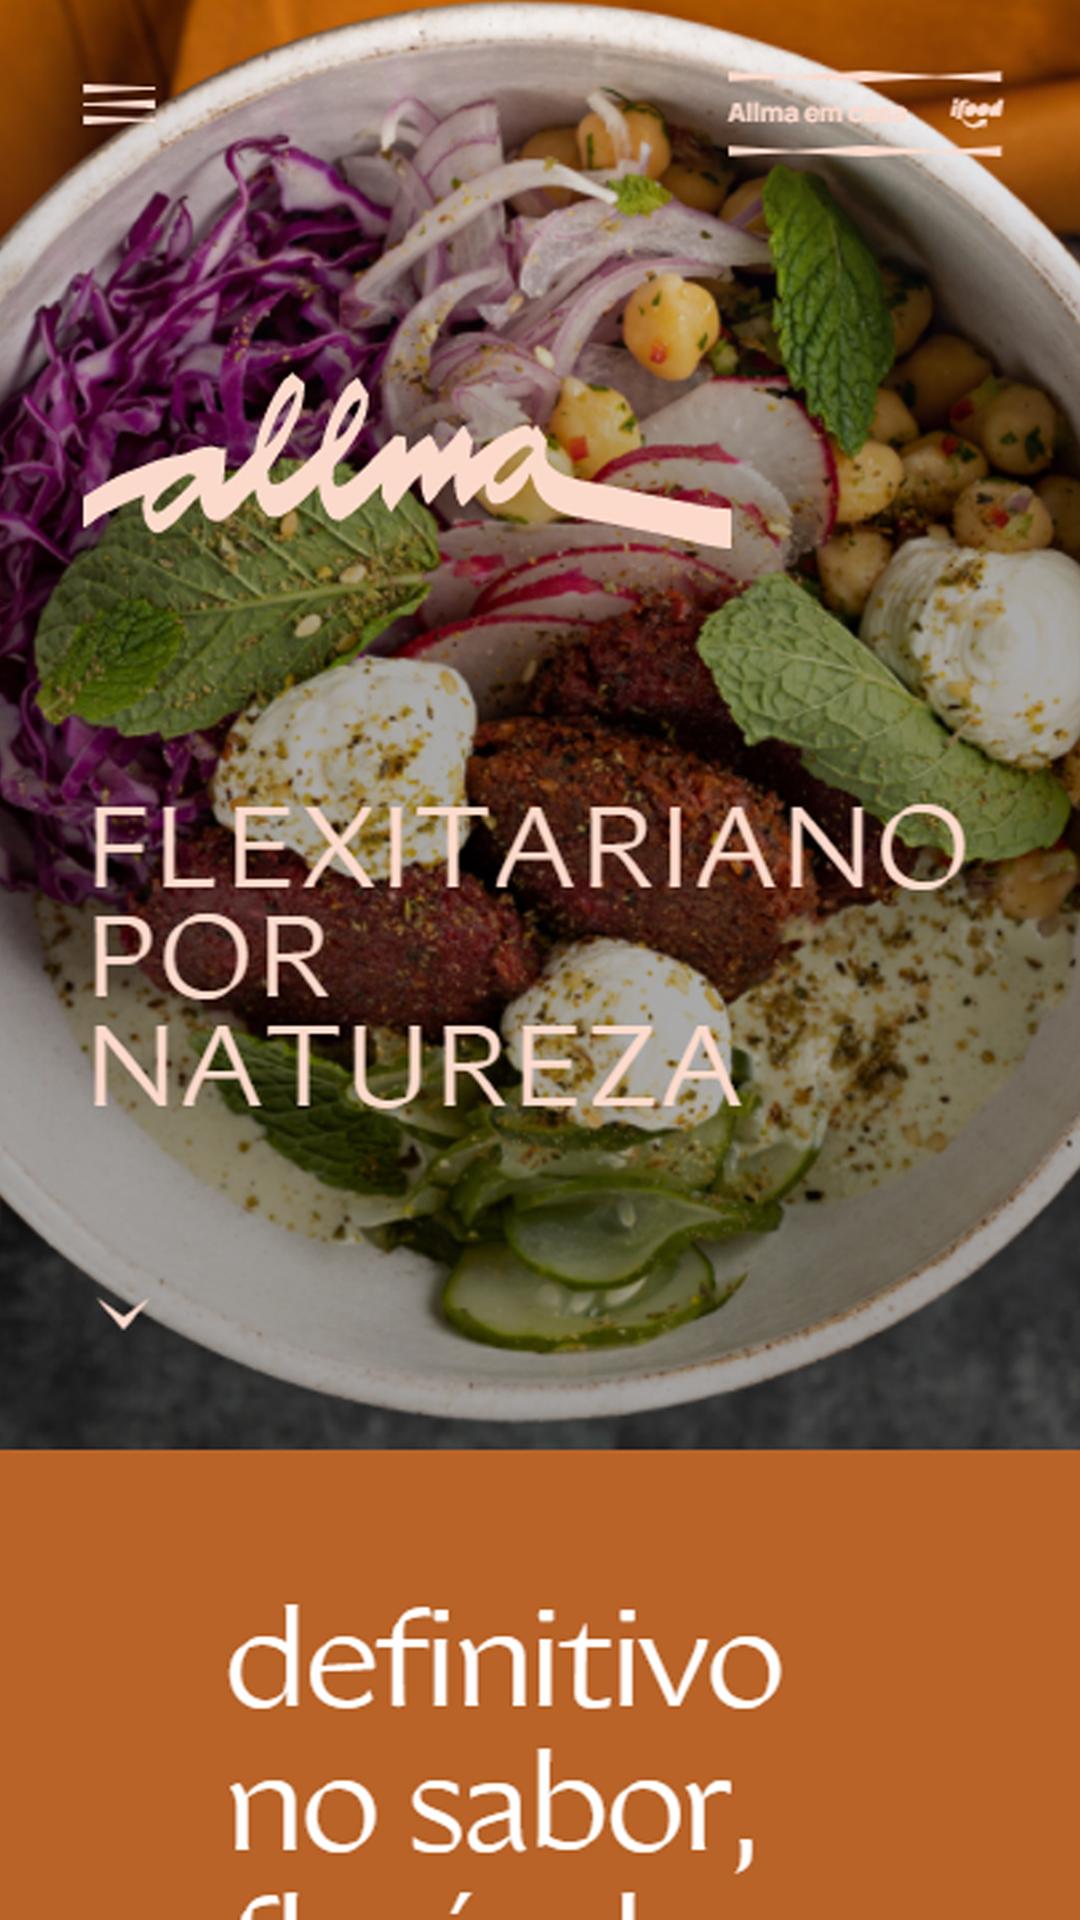 Mobile: Allma Restaurante